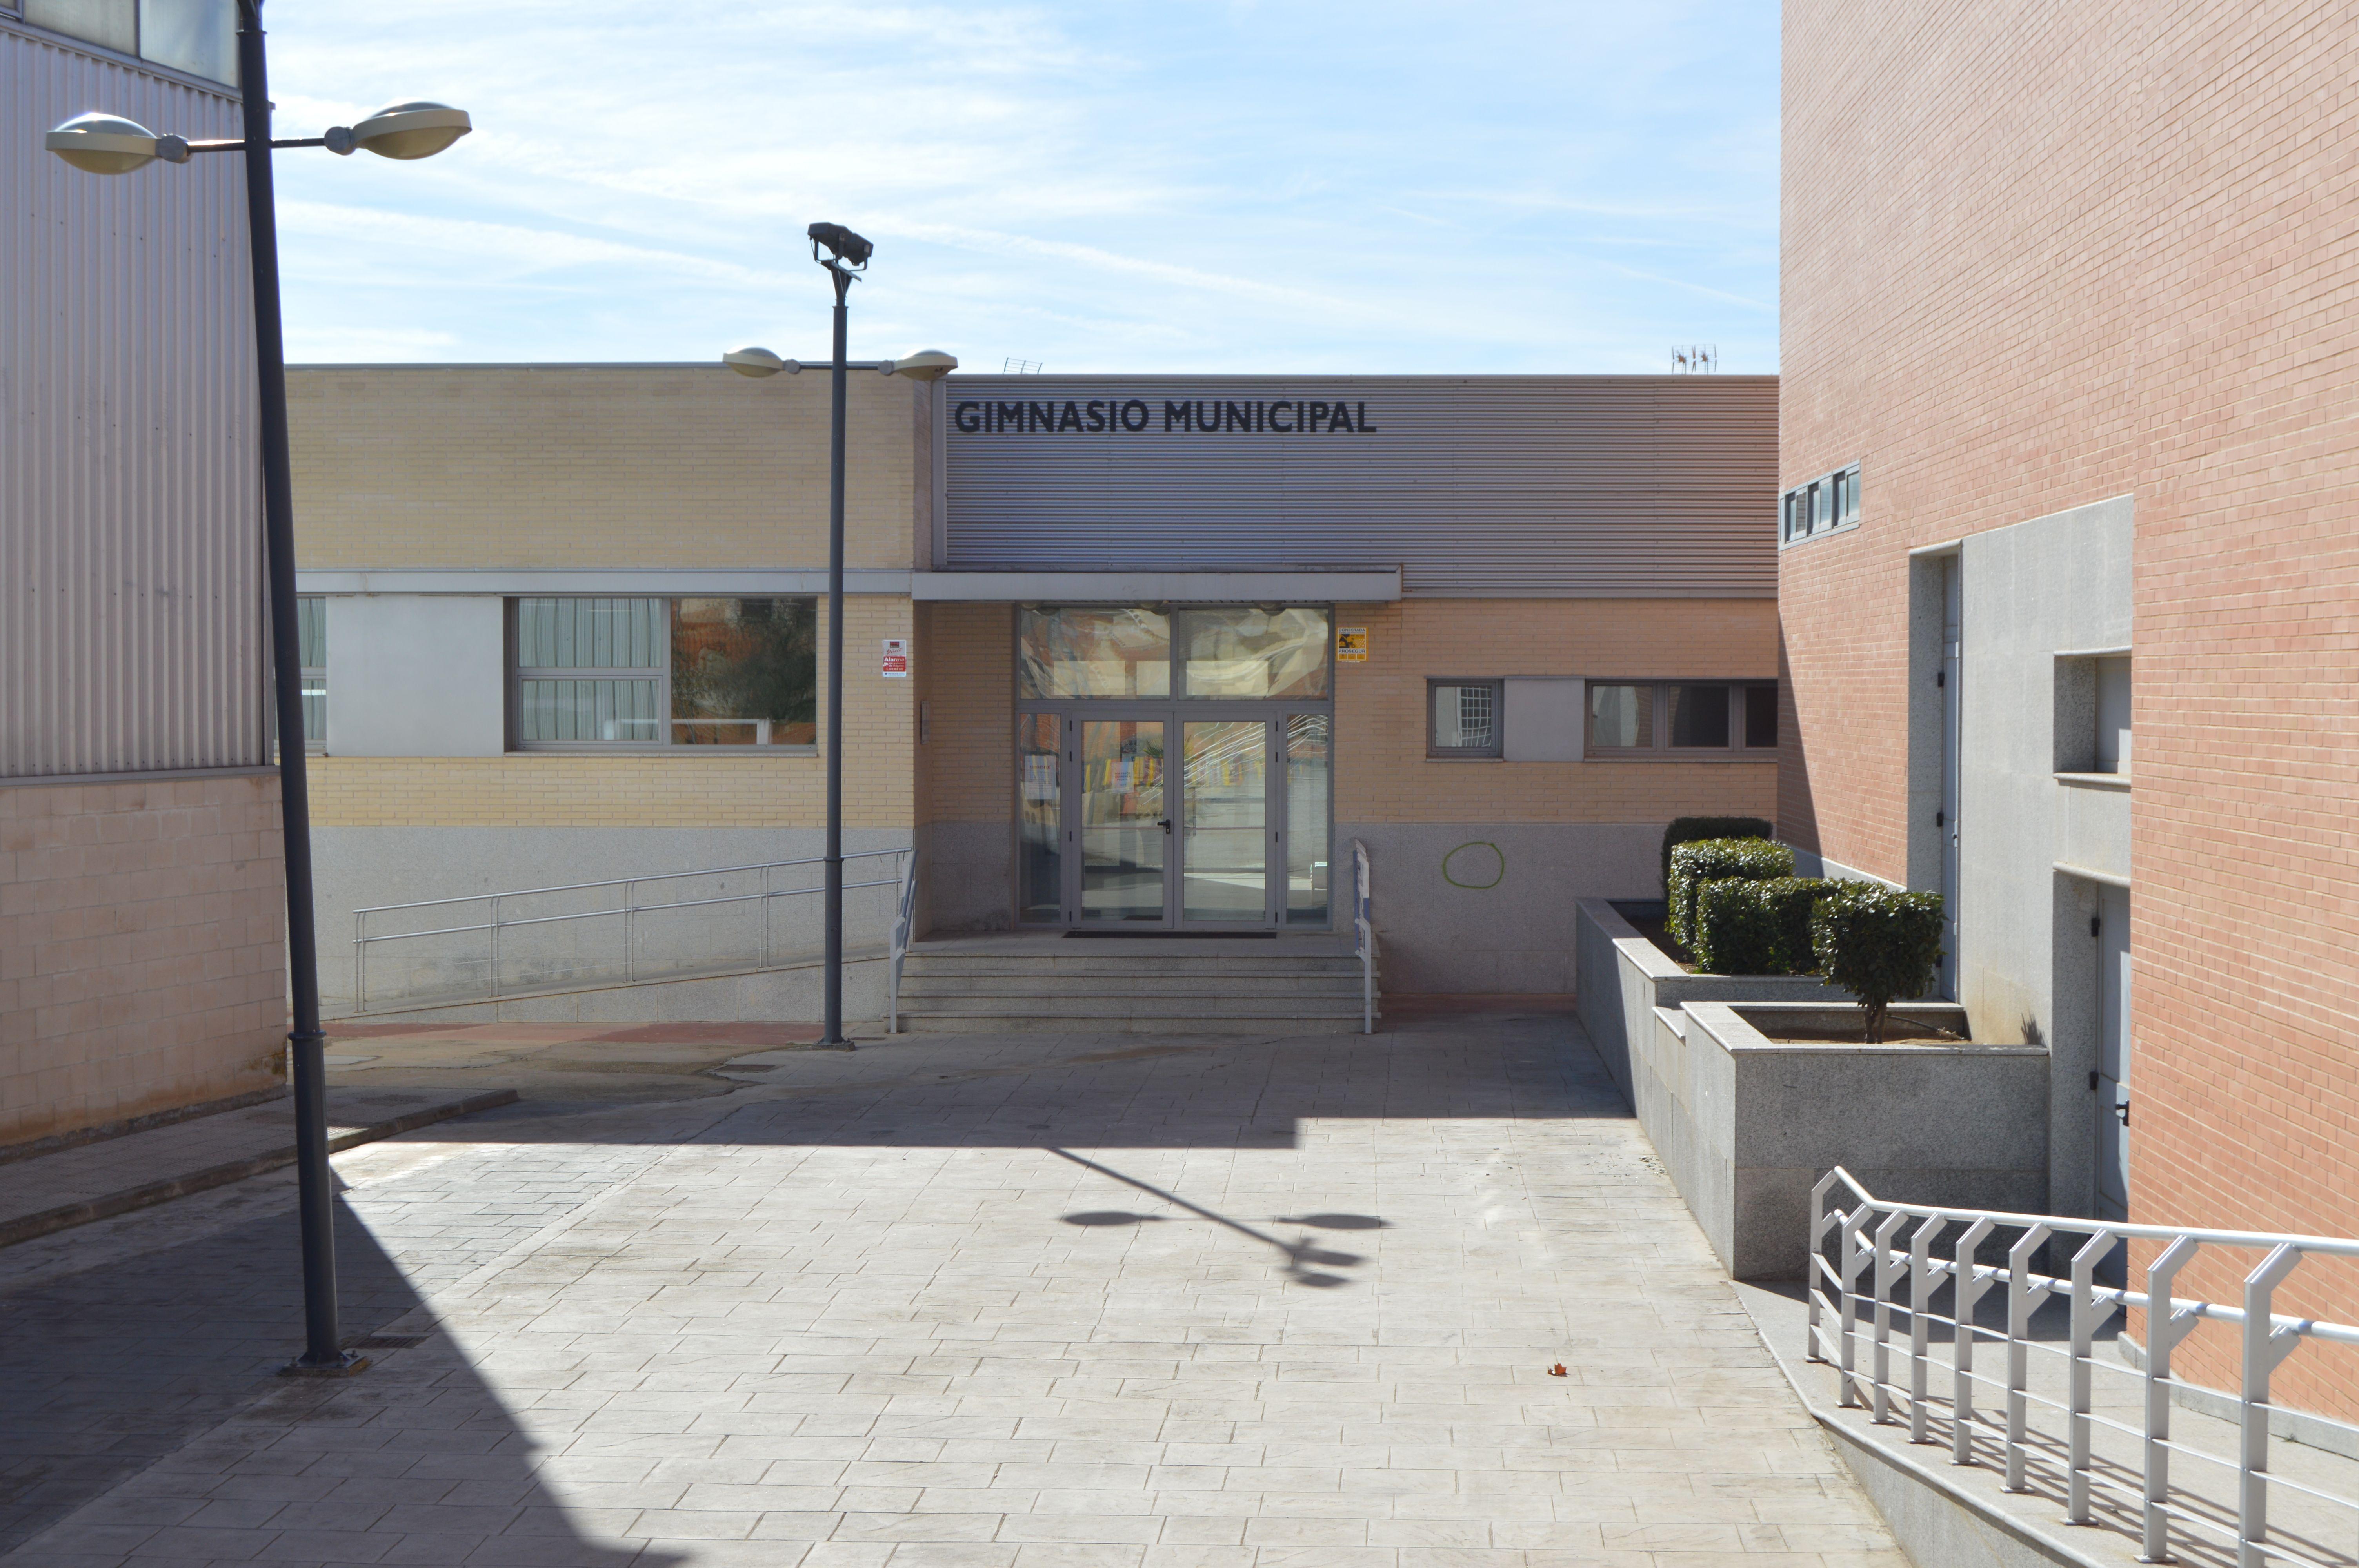 gimnasio municipal exterior